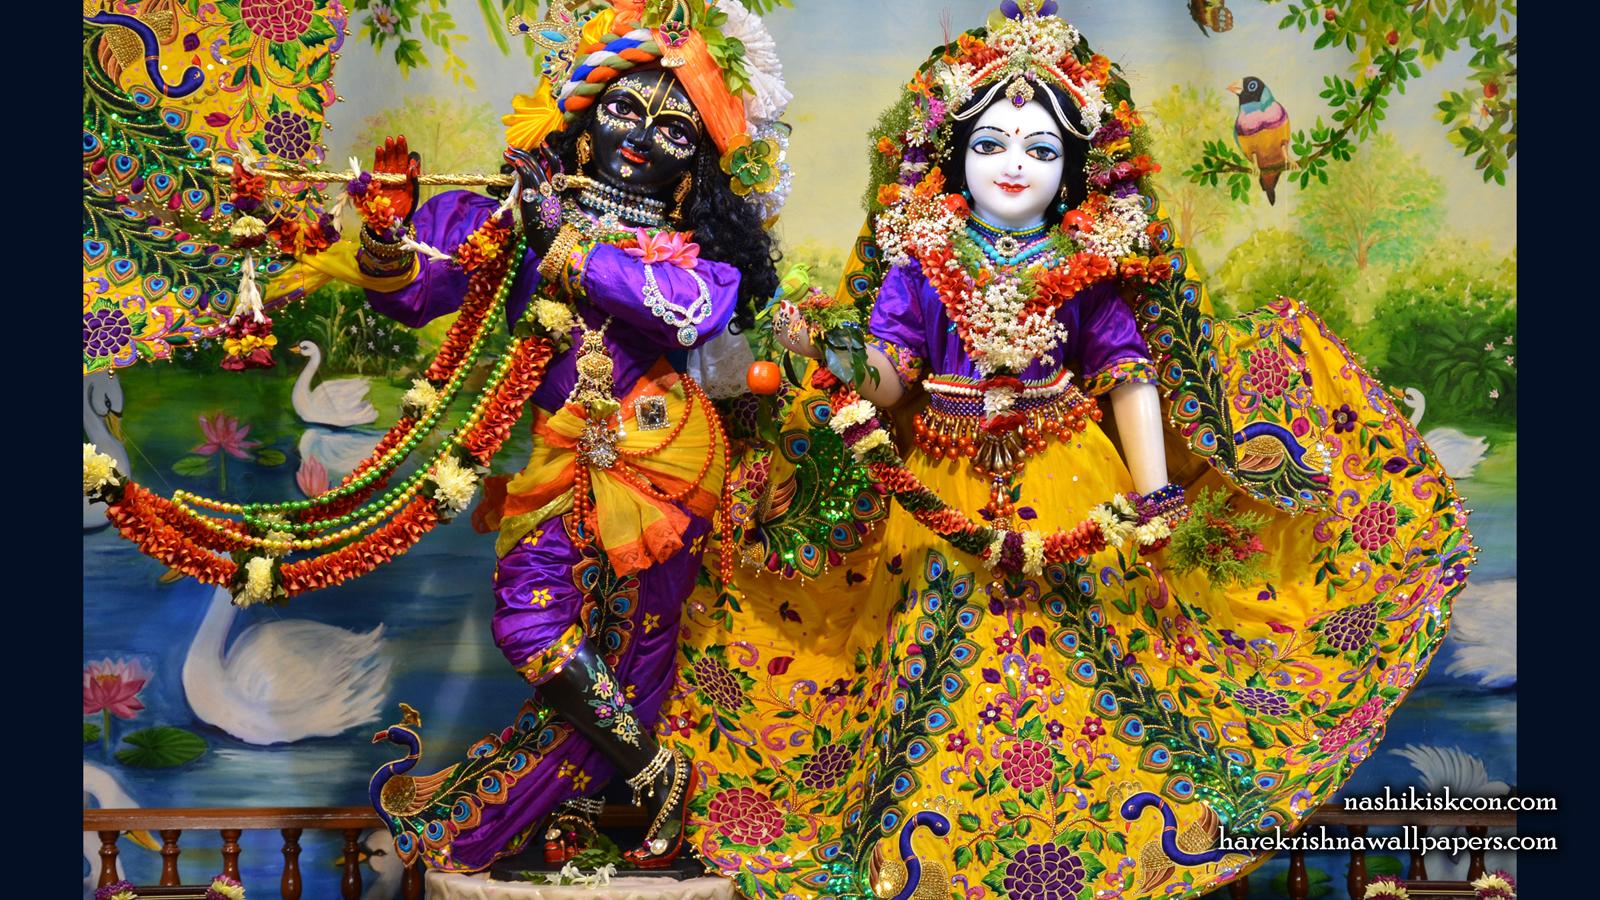 Sri Sri Radha Madan Gopal Wallpaper (013) Size 1600x900 Download